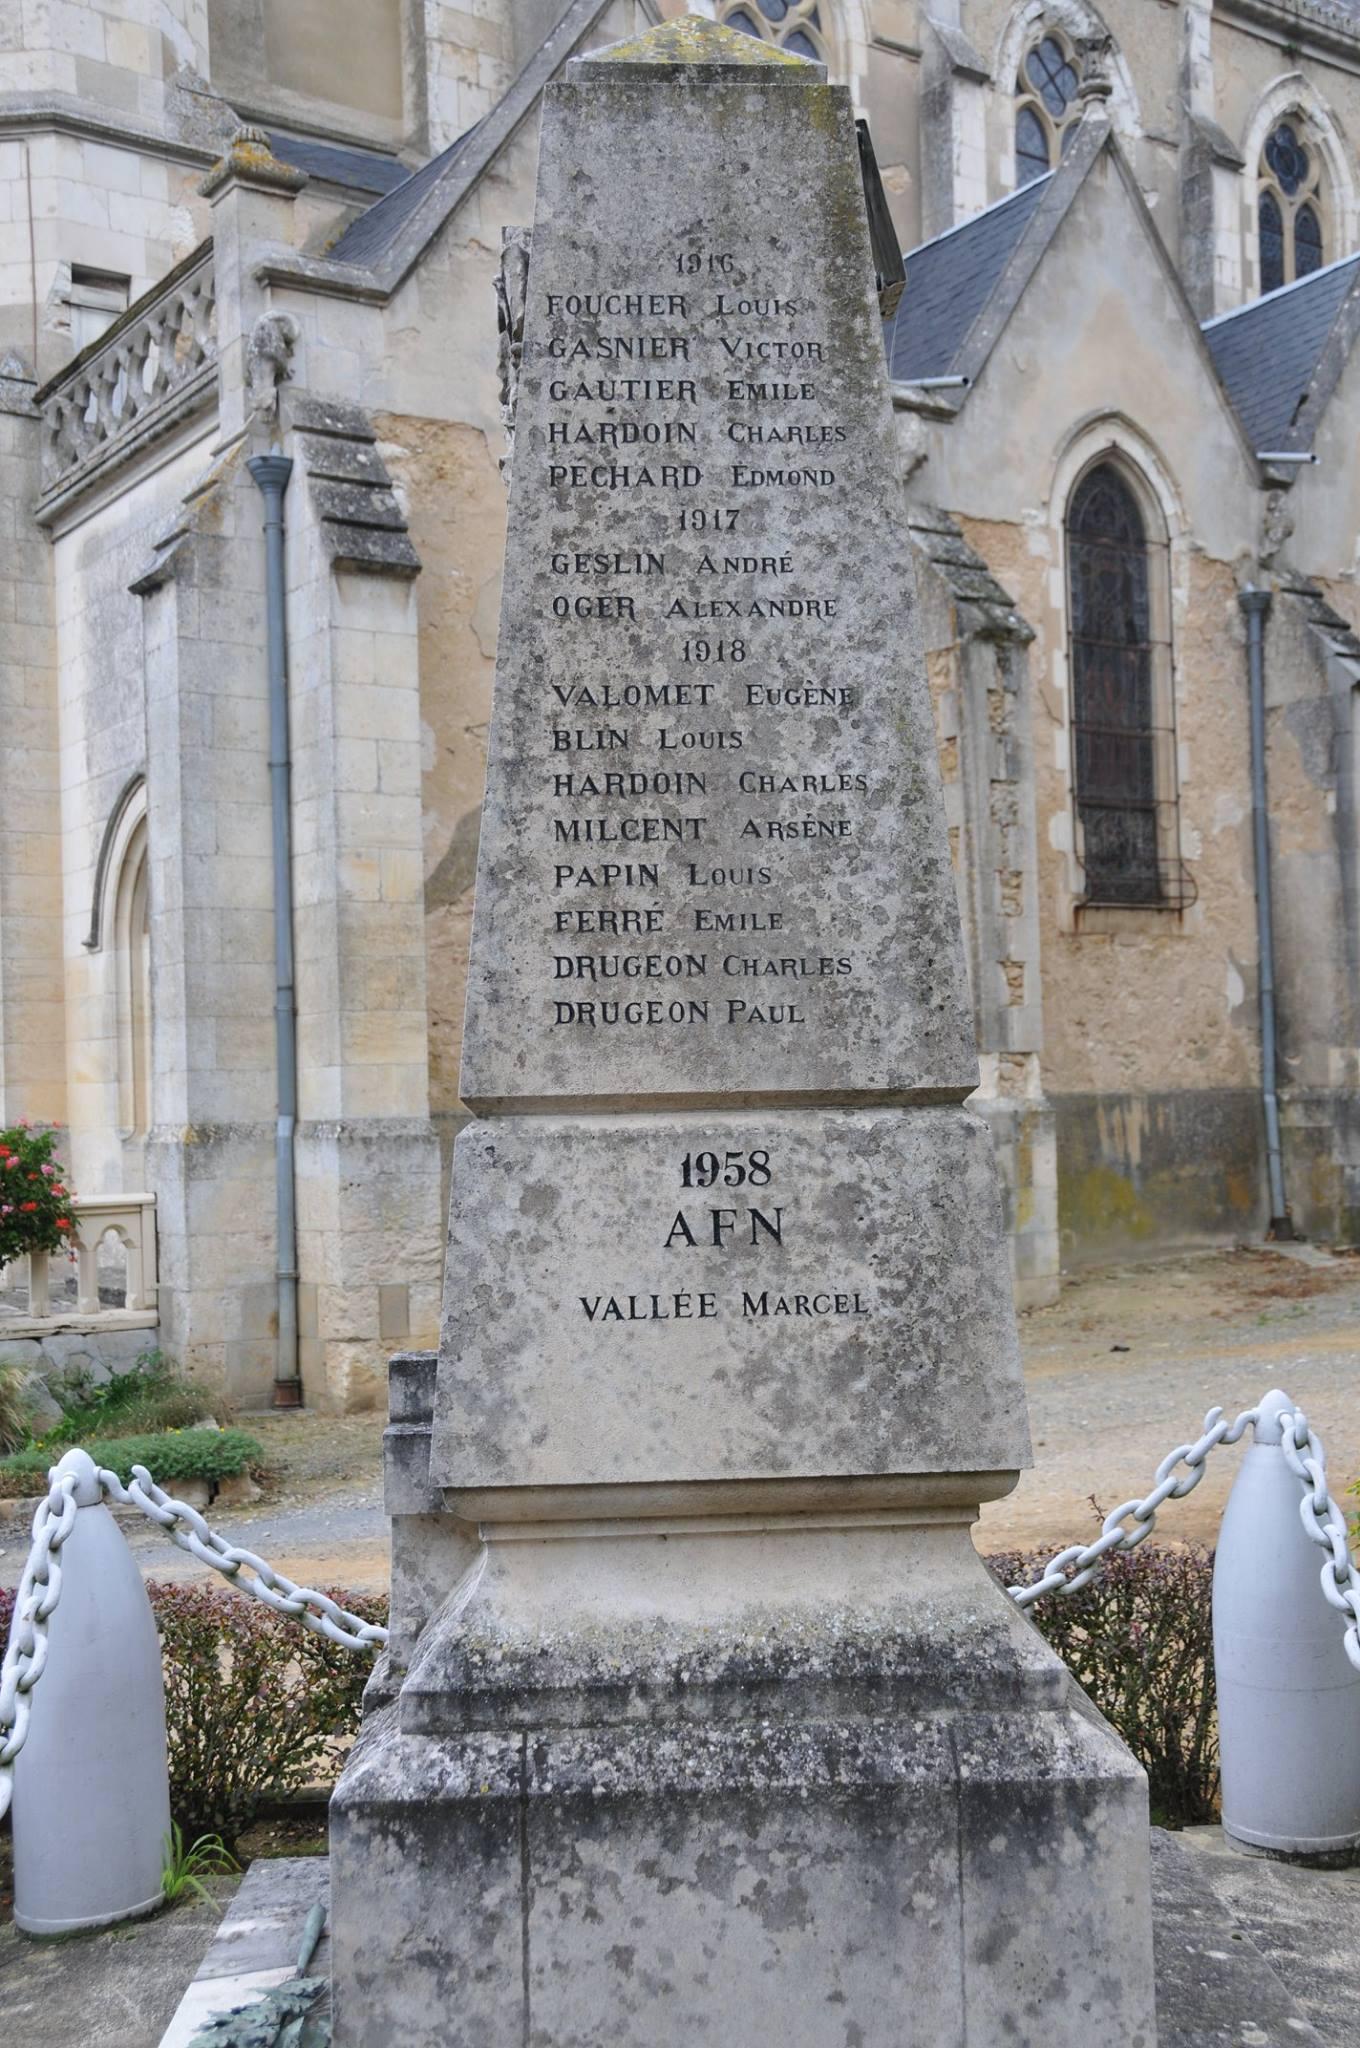 Montfort le Gesnois - Monfort le Rotrou jusqu'en 1985 - Monument commémoratif - La commune de Montfort le Rotrou à ses enfants morts pour la France 1914-1918 - Vue 03 (Romain Christopher Guillaume Lépine)